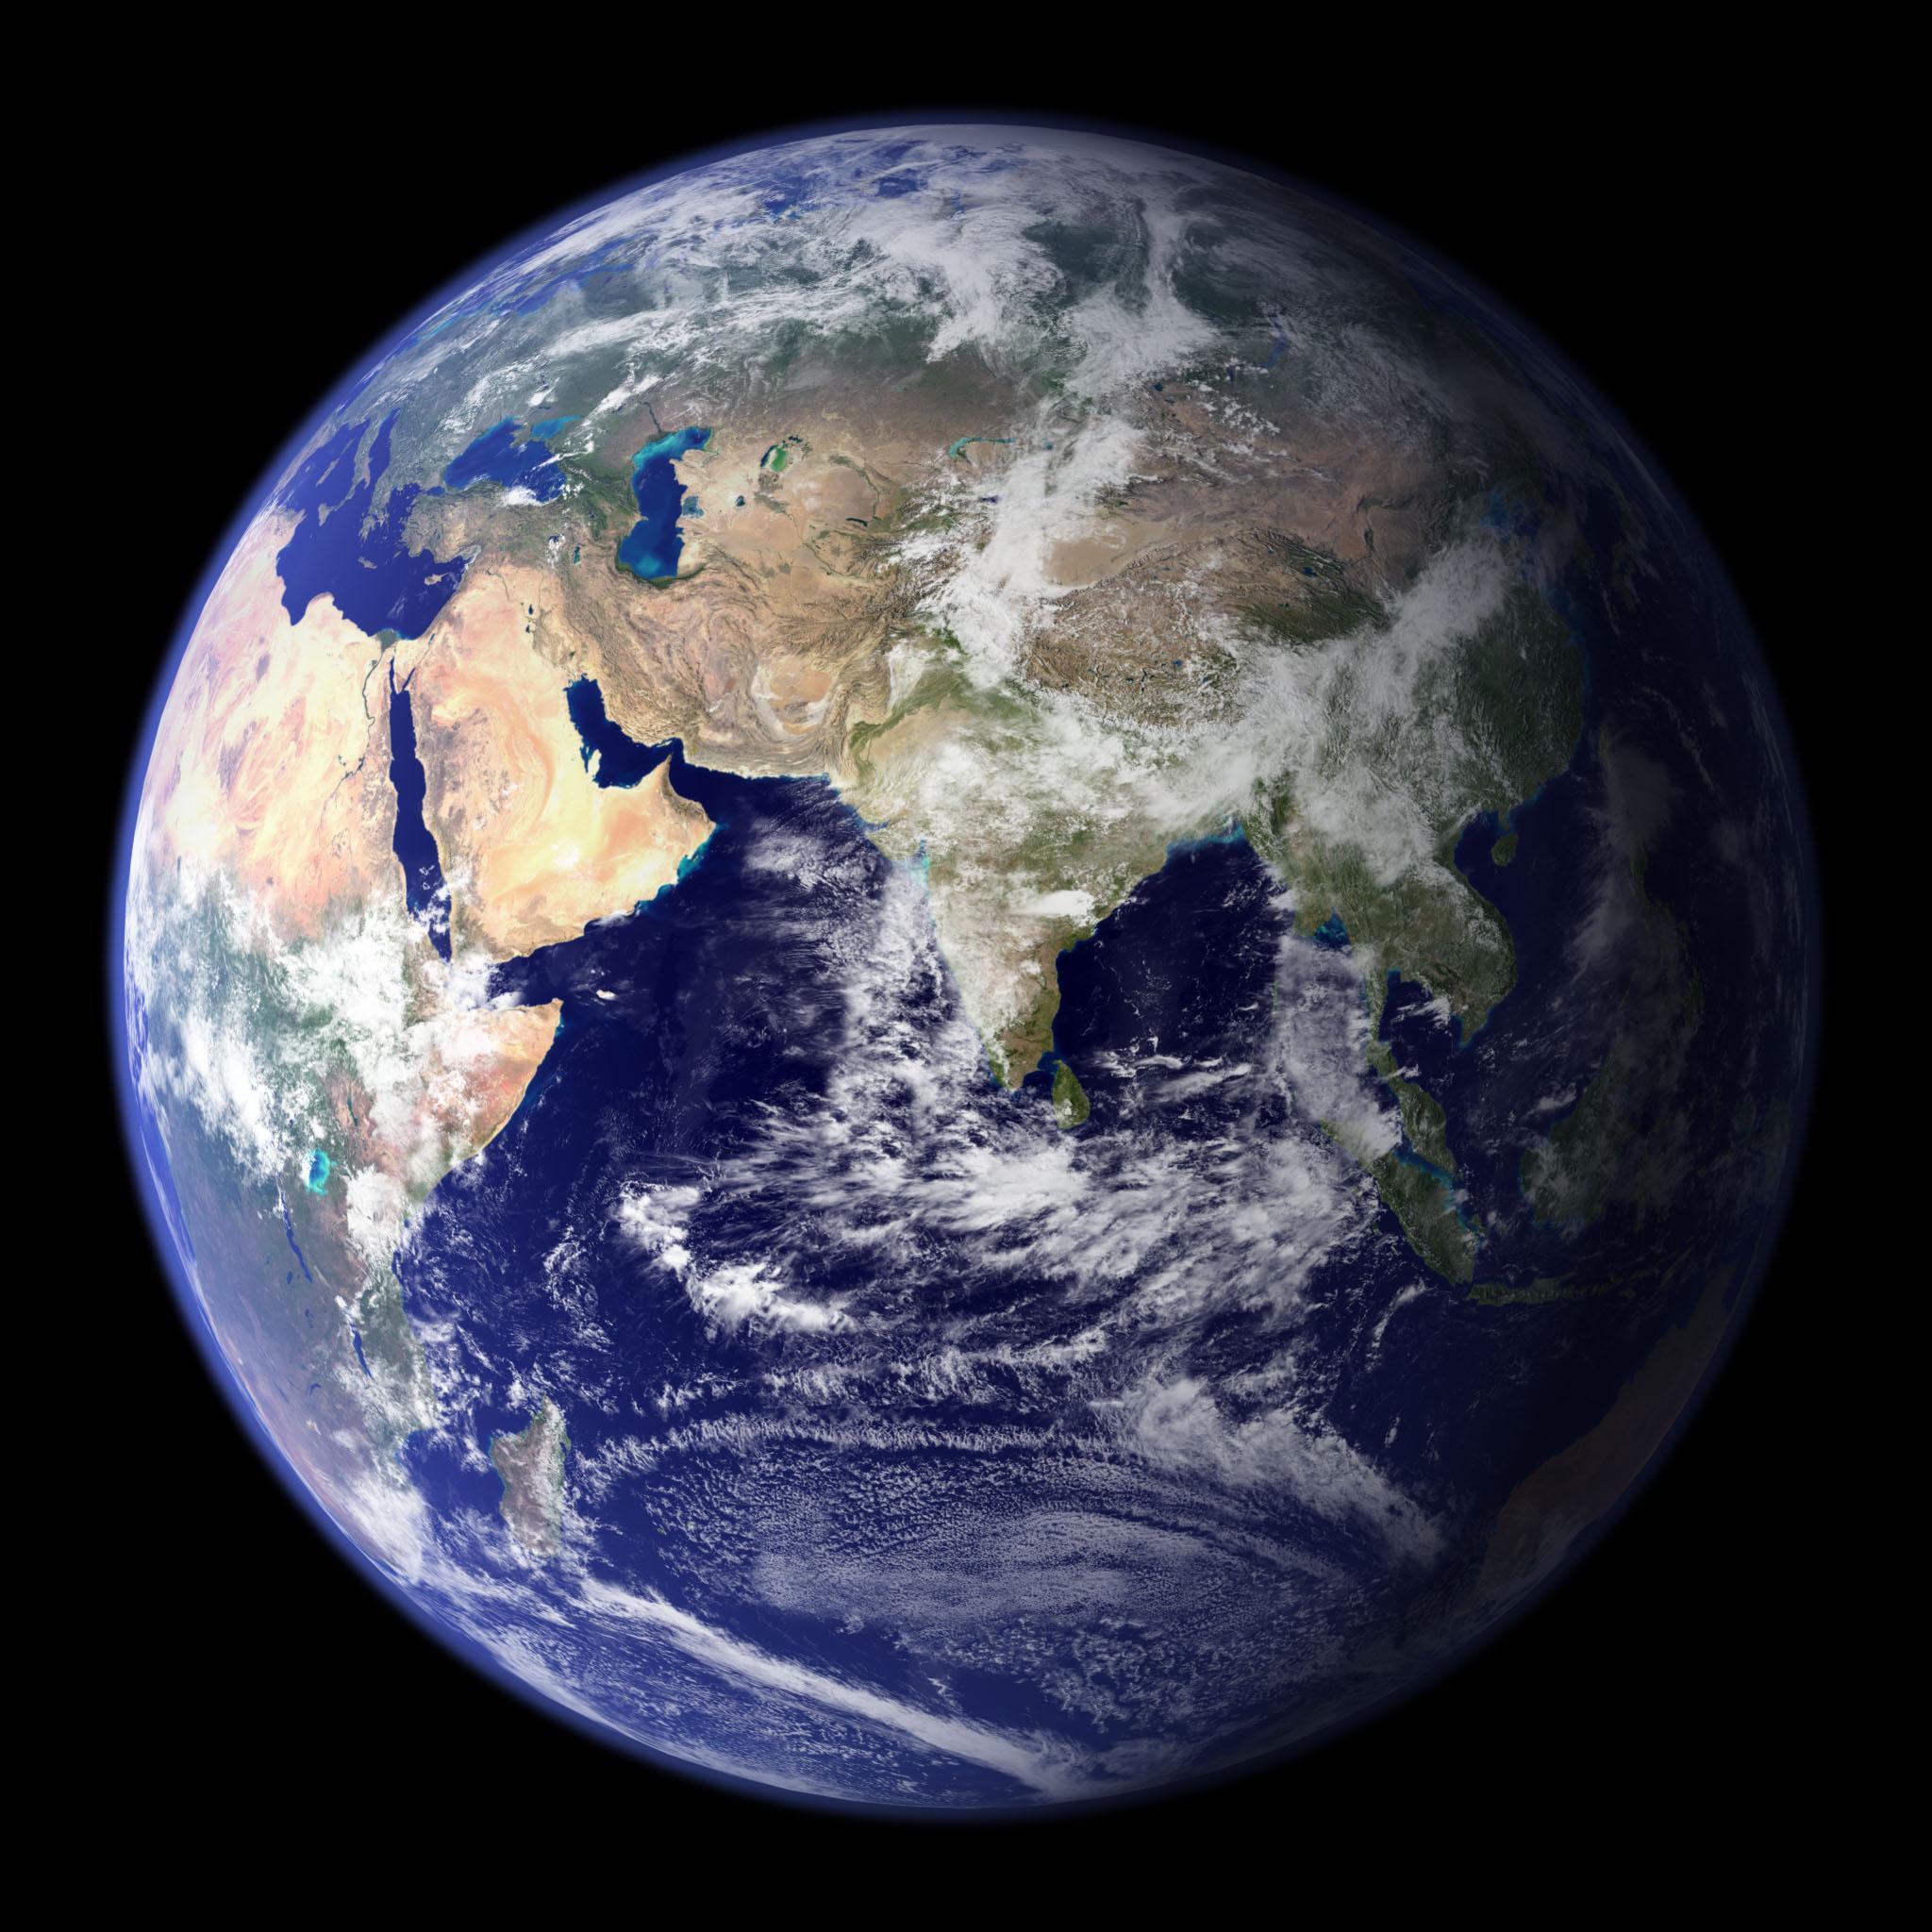 Jorden liknar en vacker tavla. Tyvärr har vi ingen kopia. Originalversionen måste därför behandlas med största försiktighet.